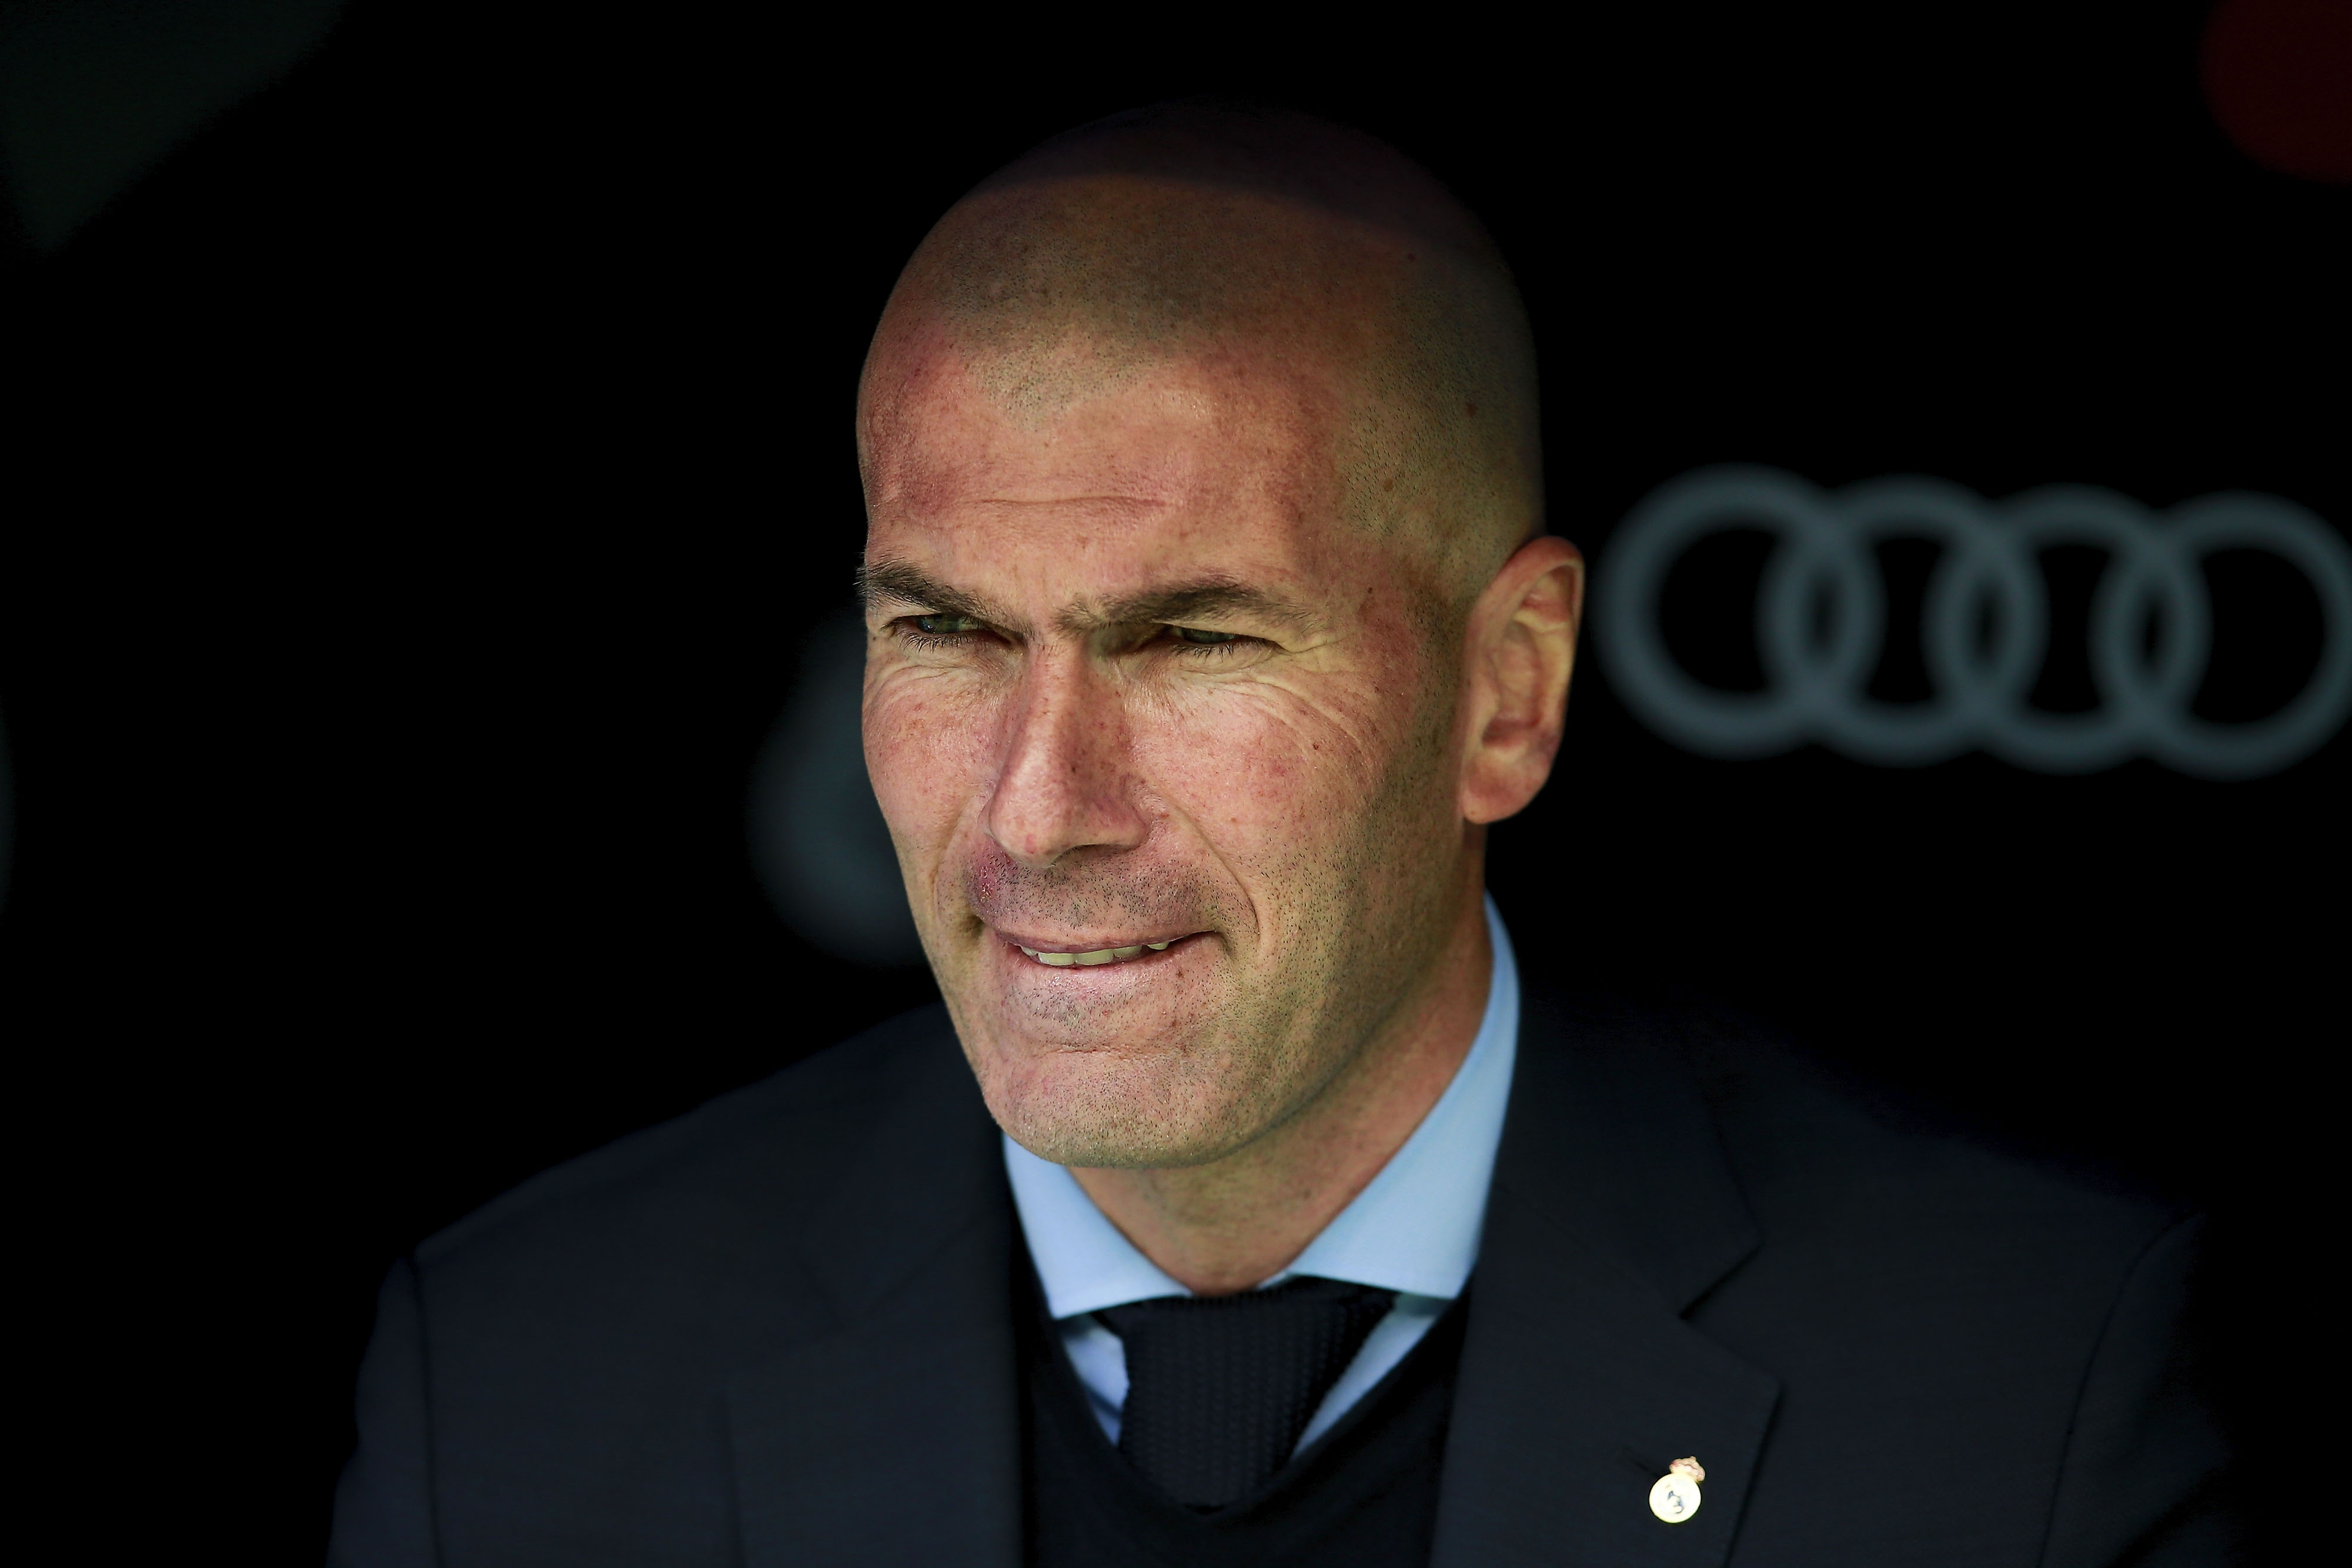 Треньорът на Реал Мадрид Зинедин Зидан не спира да изразява